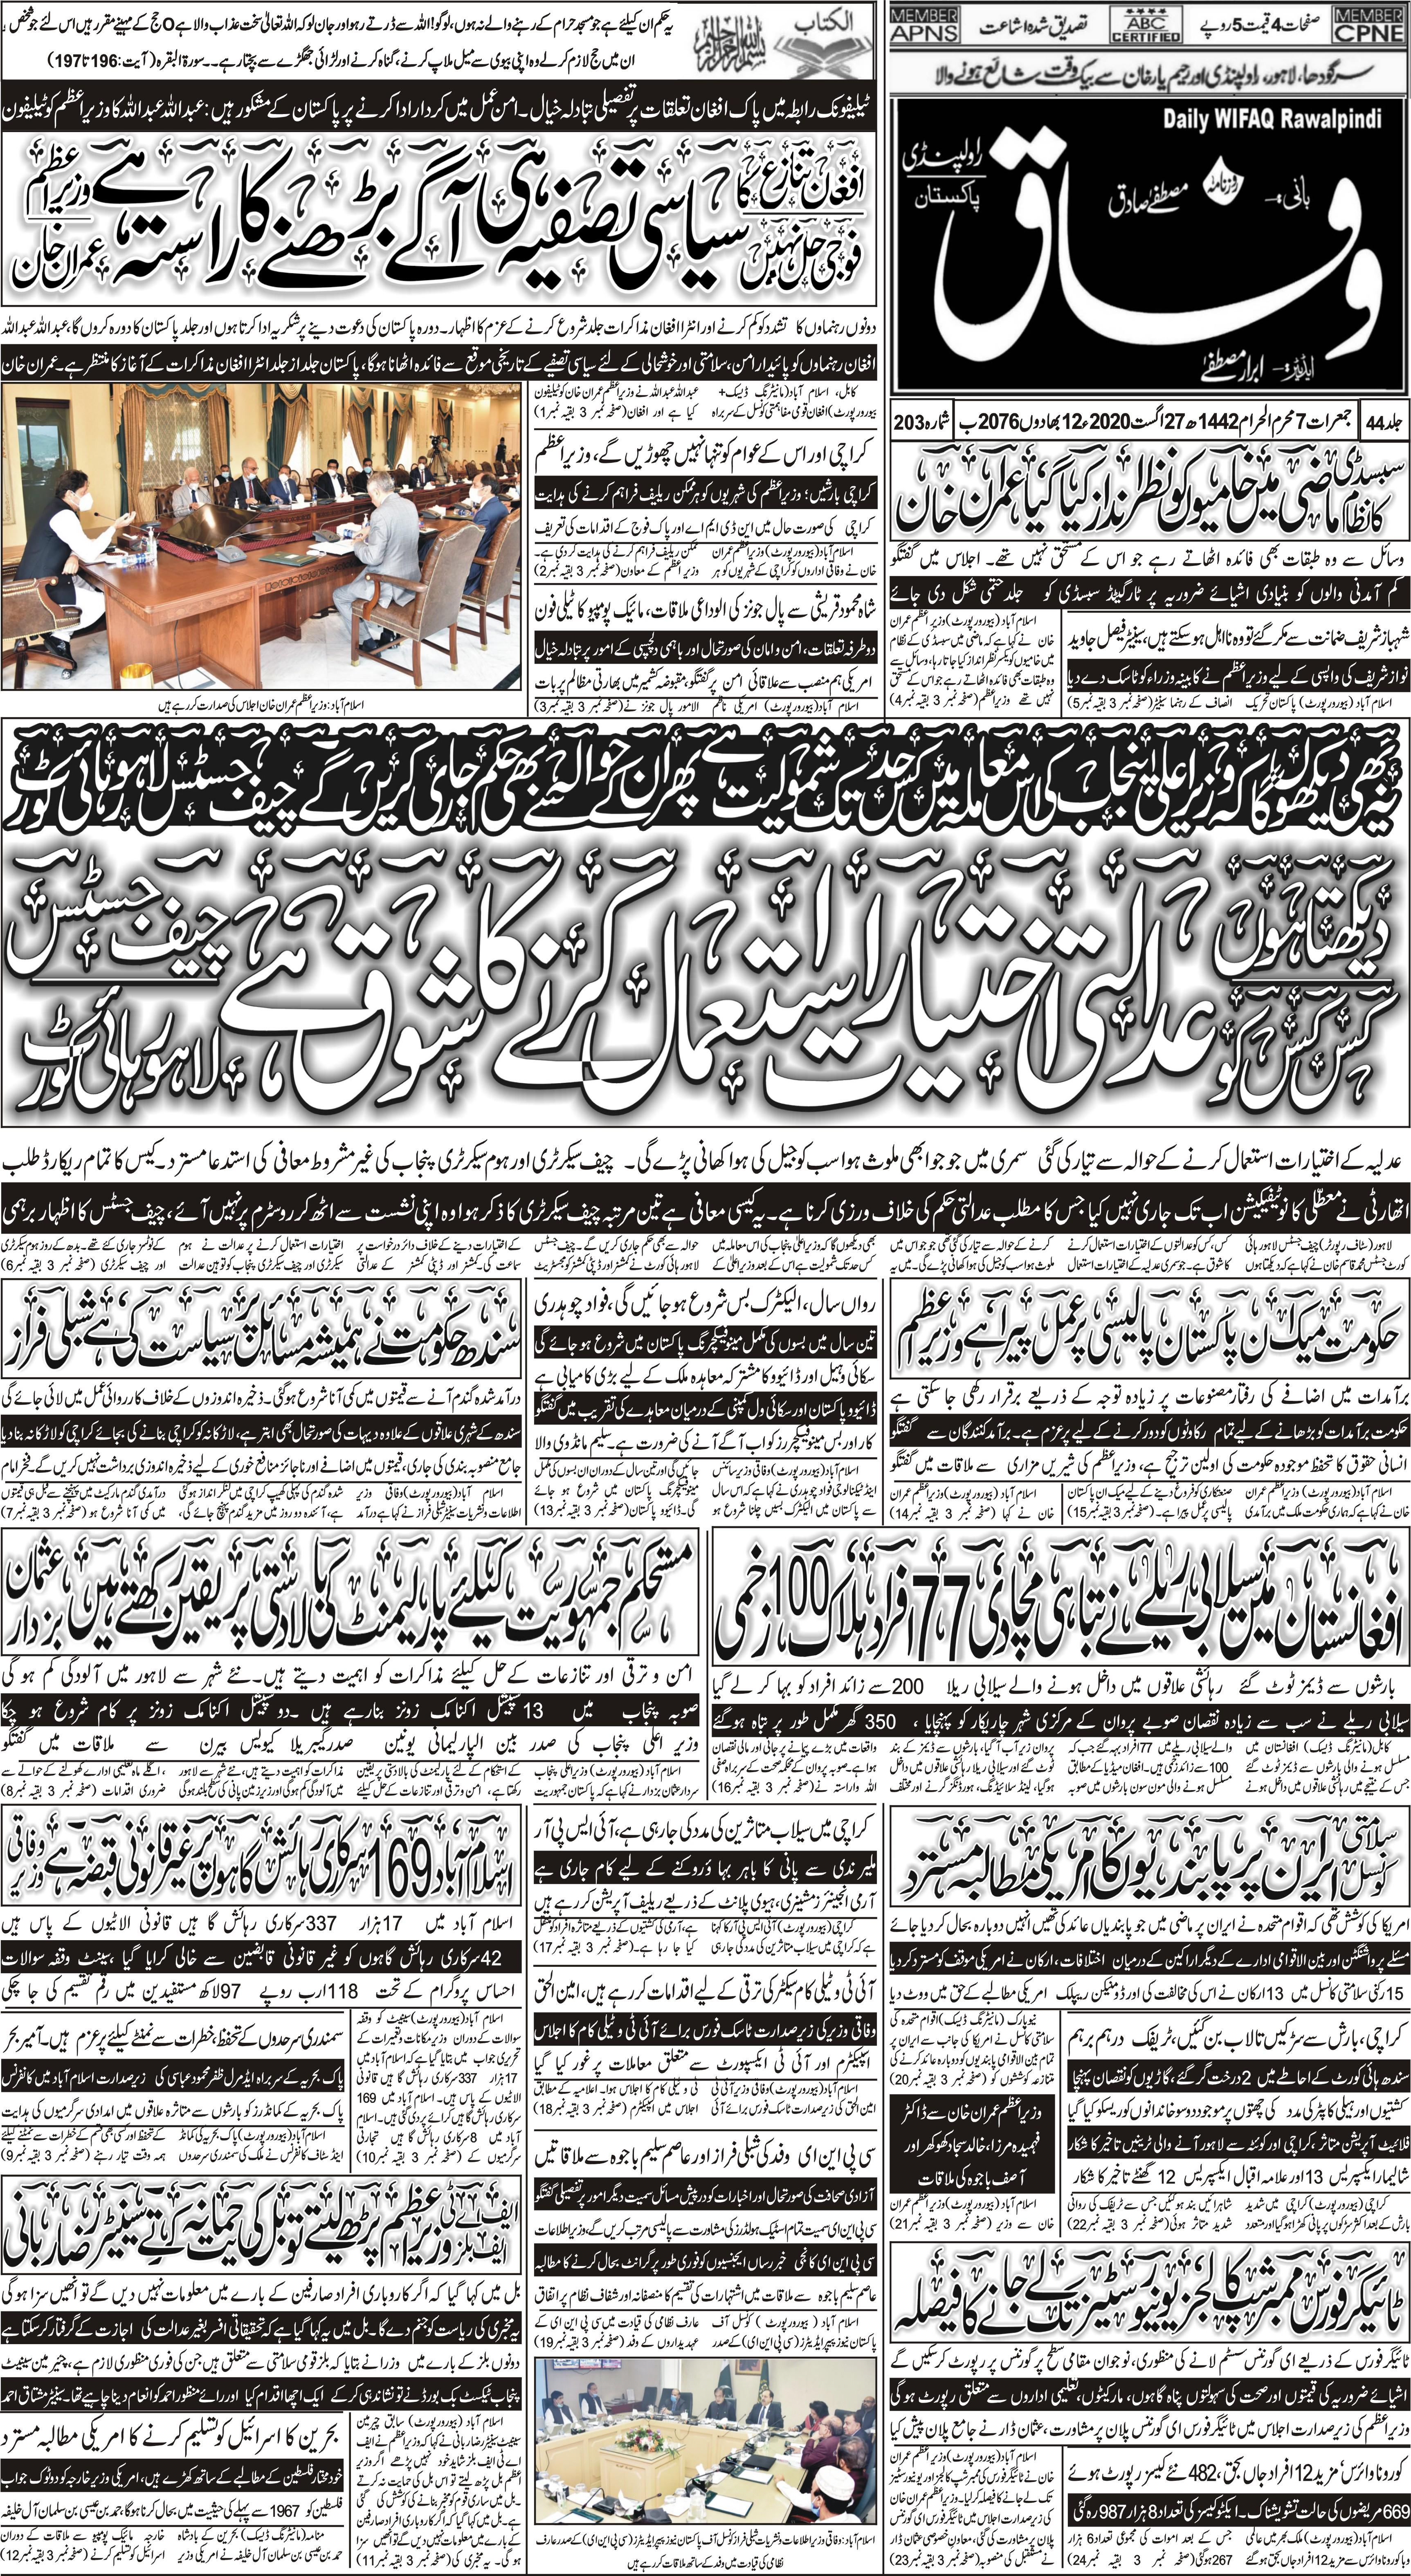 e-Paper – Daily Wifaq – Rawalpindi – 27-08-2020